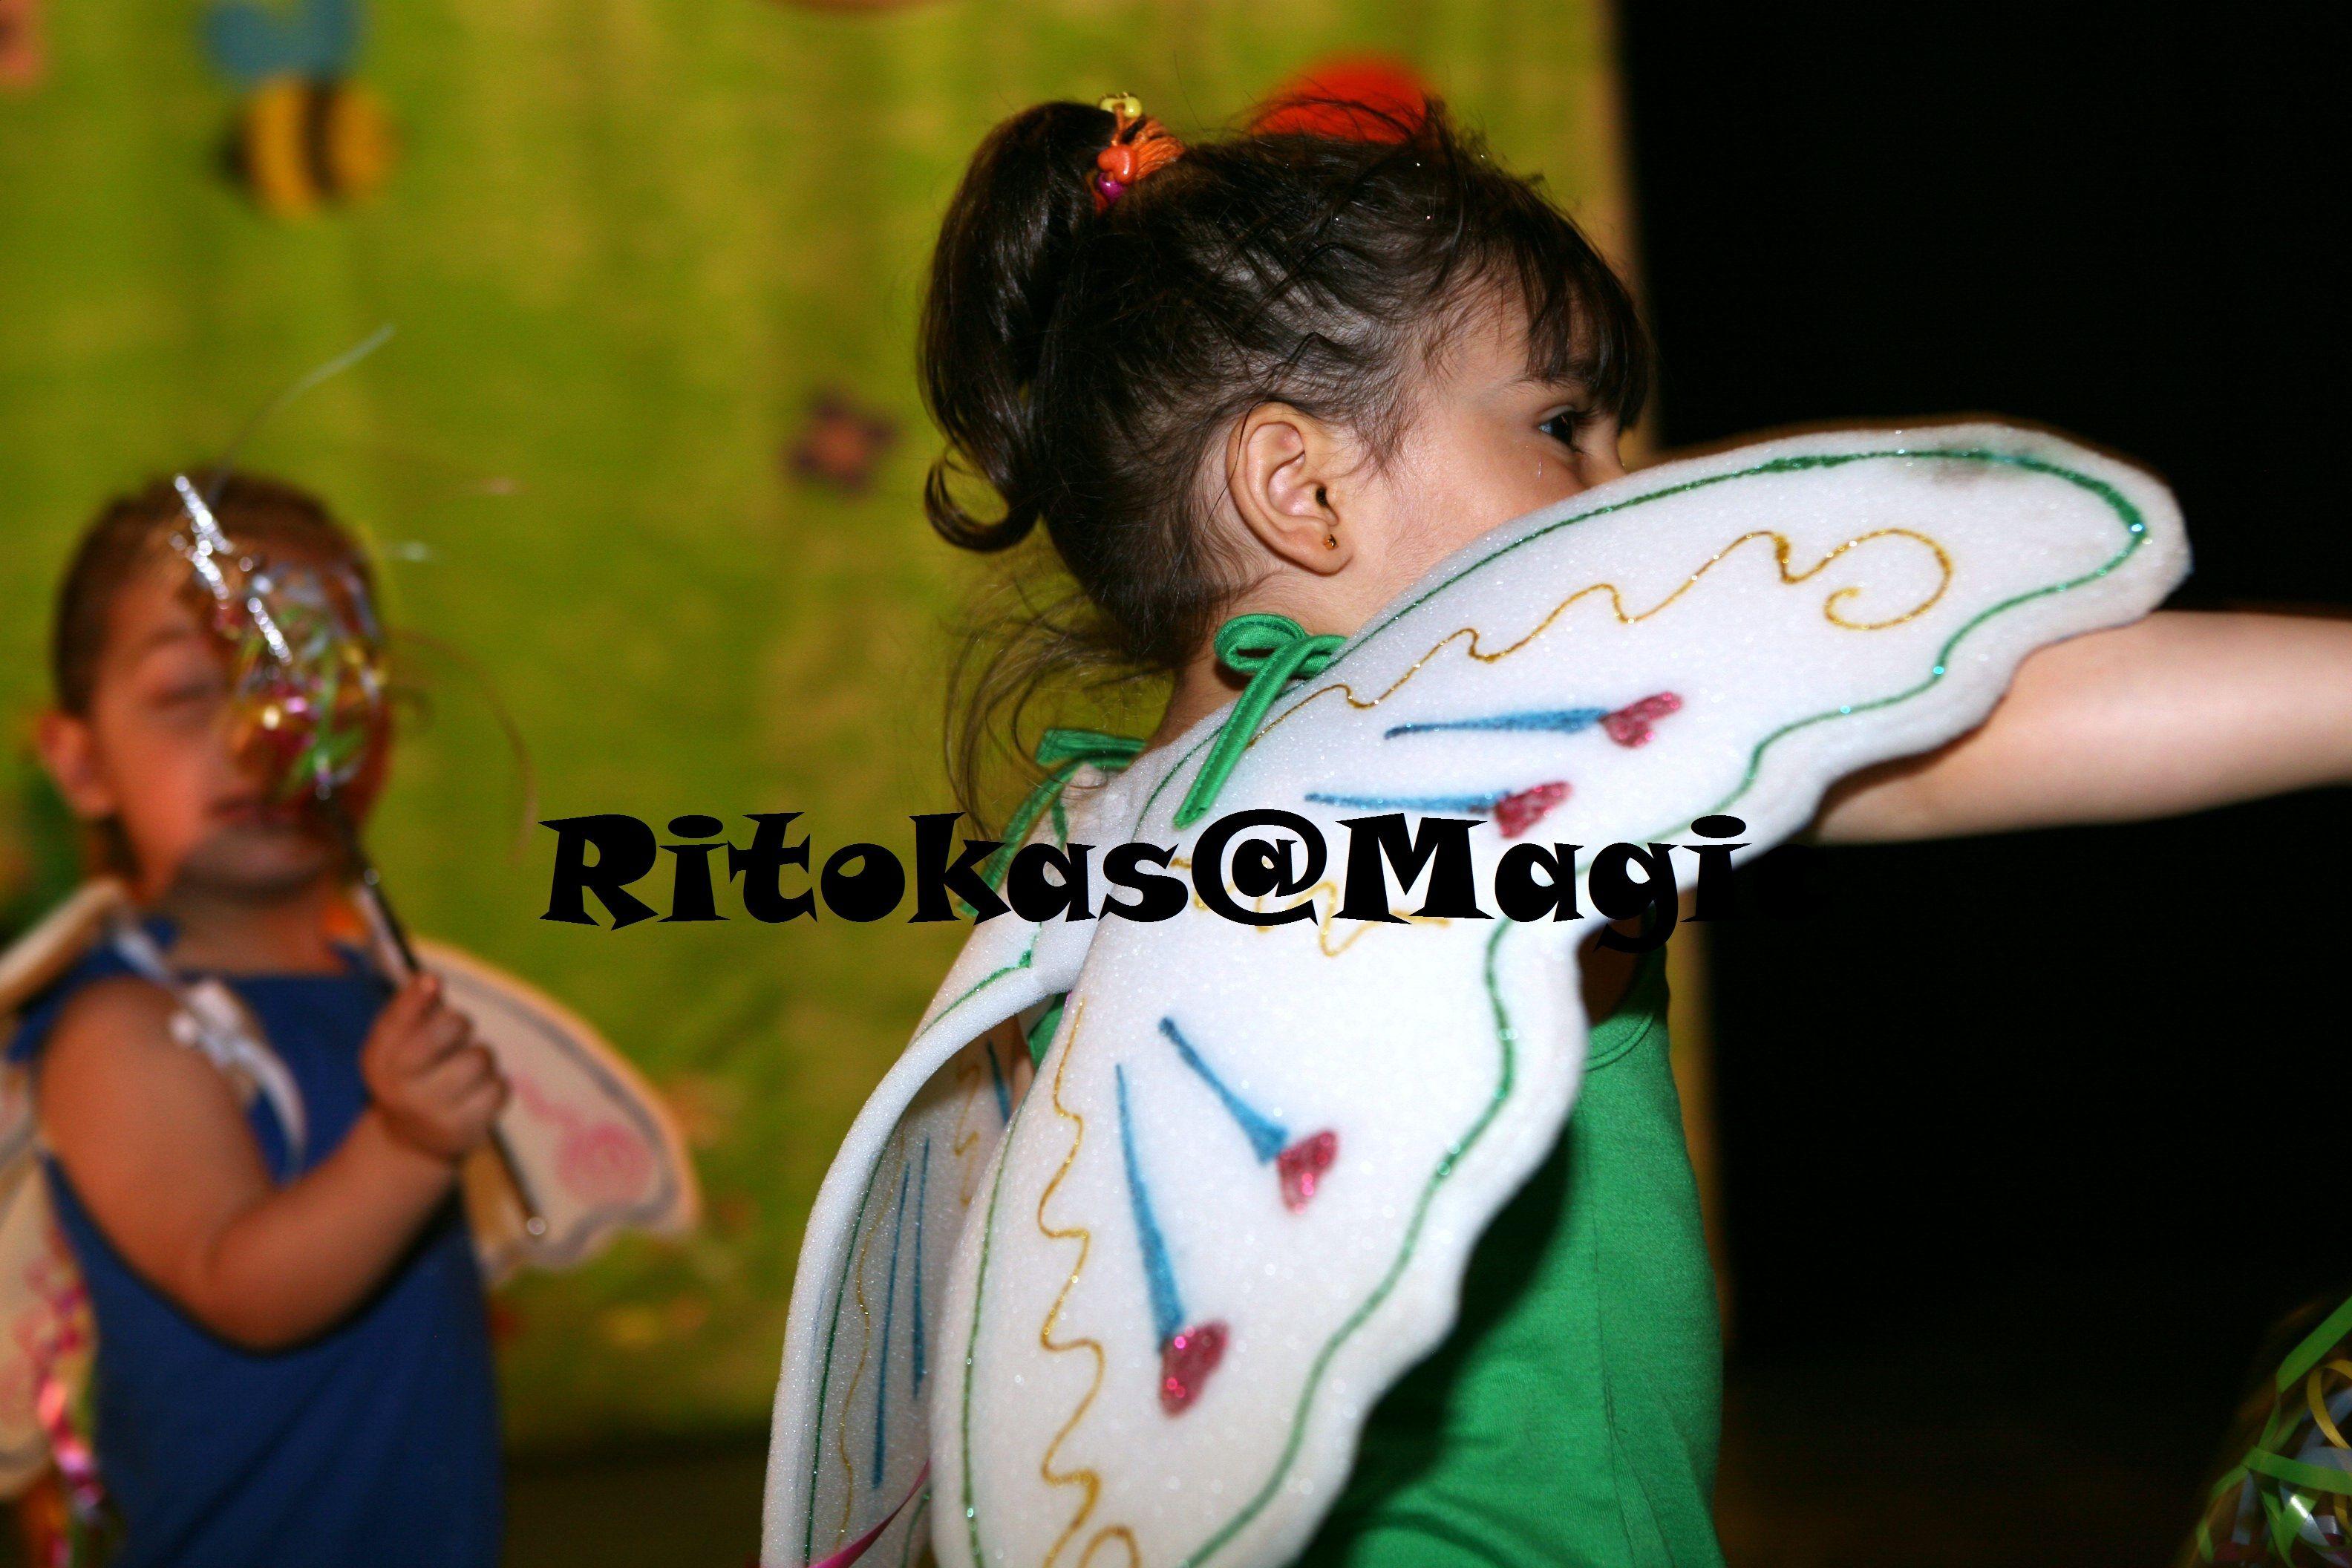 Festa Final - Meninas eram as fadinas das cores, as asas feitas de espuma e decoradas com glitters